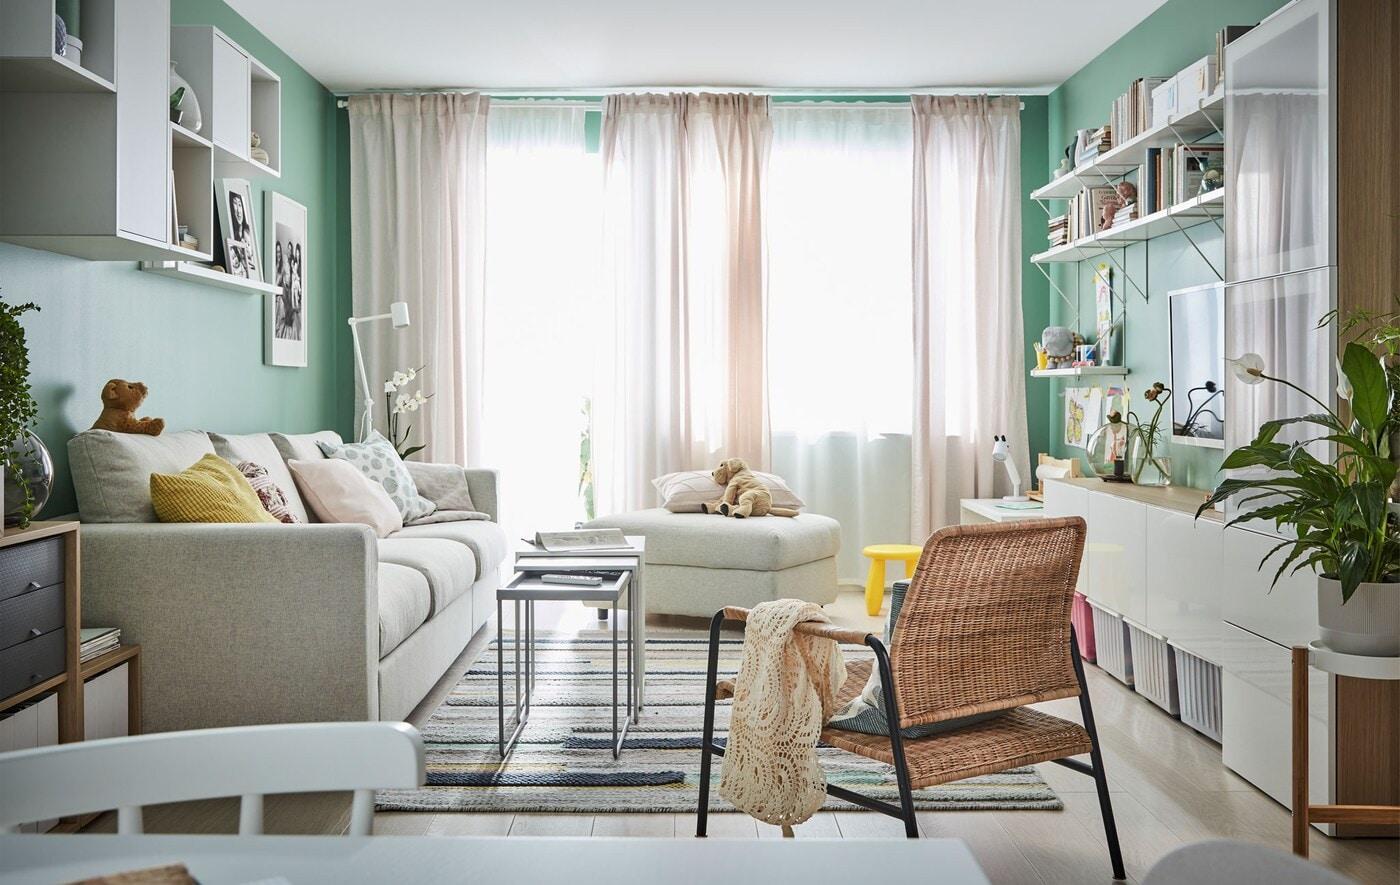 Obývací pokoj se záclonami, velkým oknem, pohovkou a skříňkami